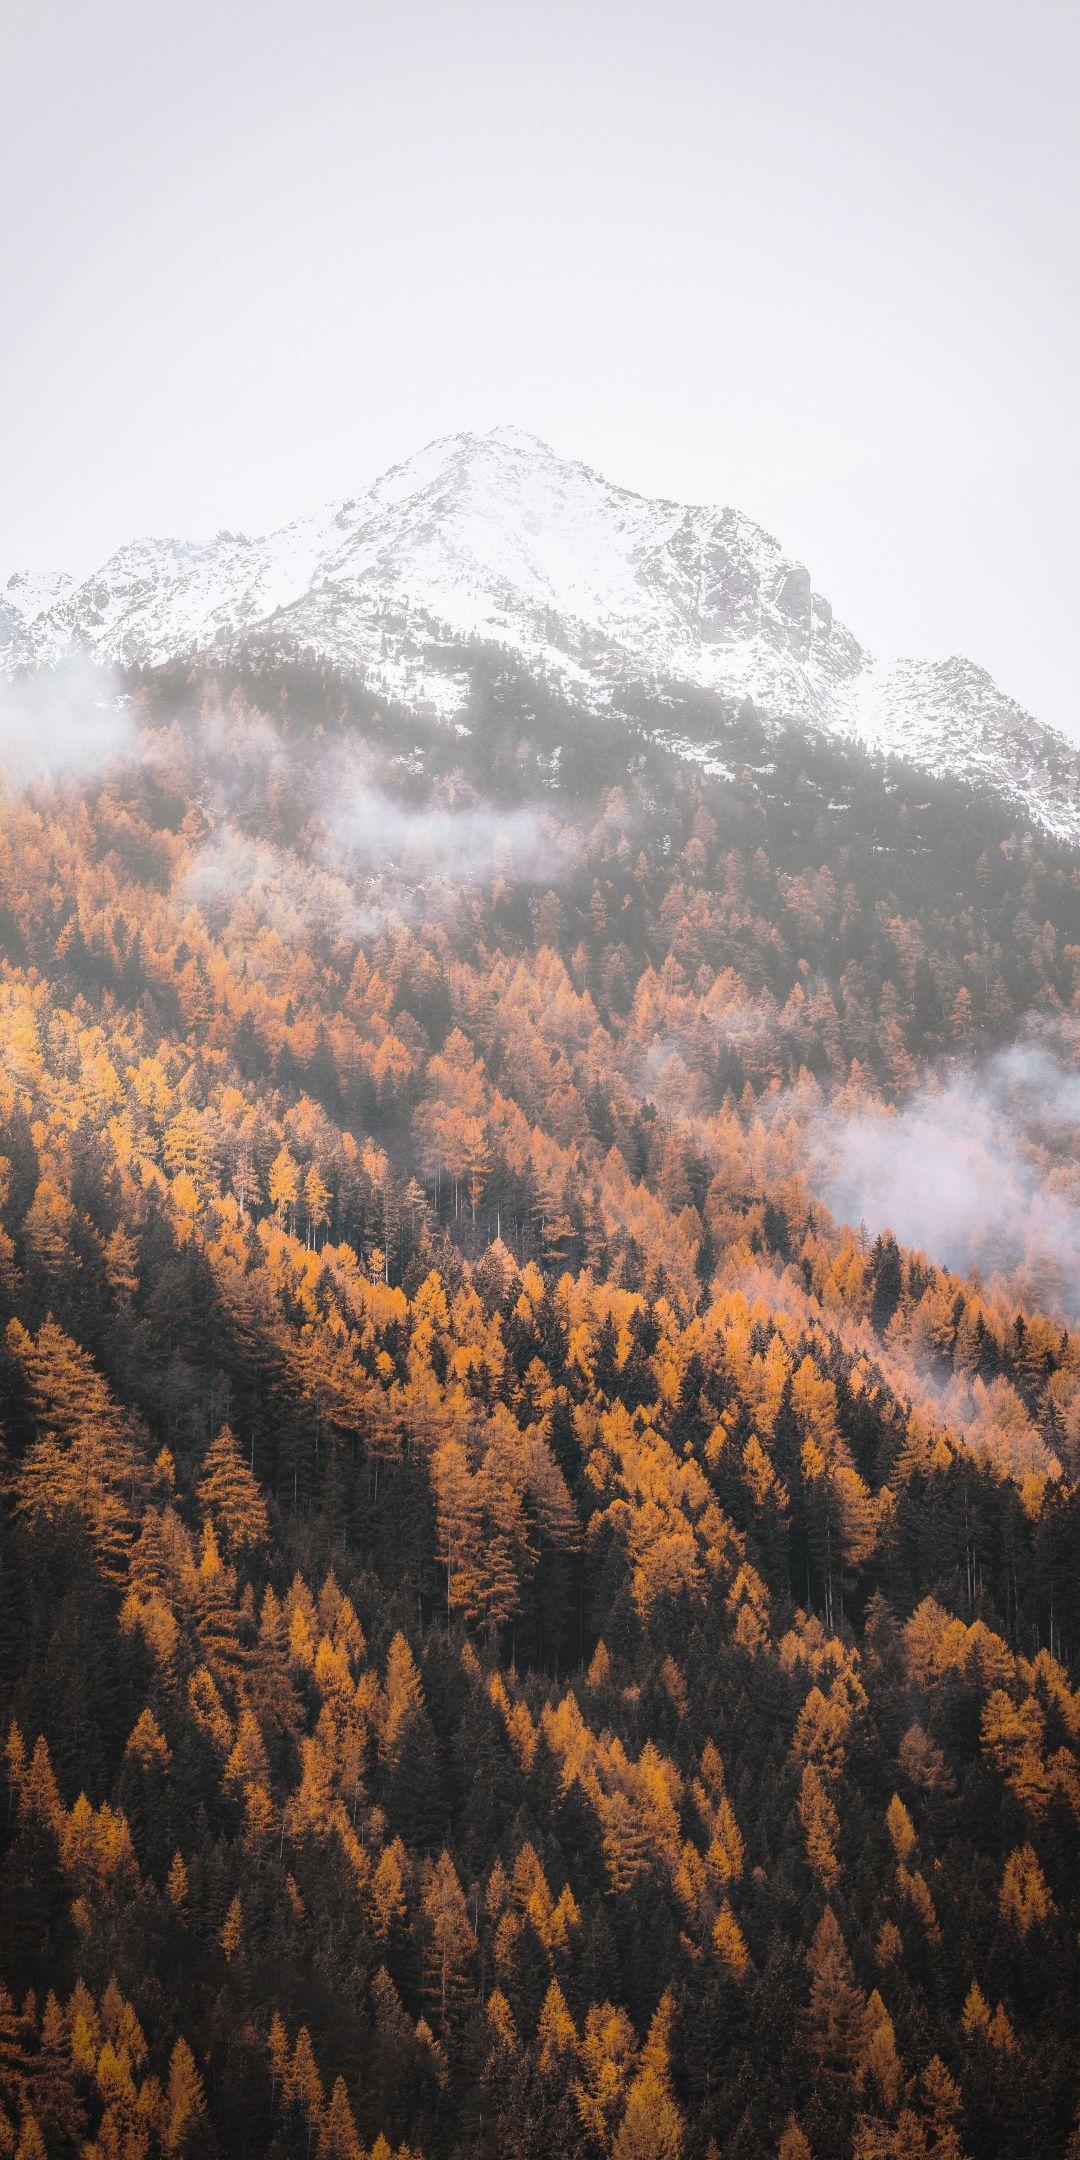 Autumn Forest Tree Yellow Mountains 1080x2160 Wallpaper Autumn Forest Mountain Wallpaper Fall Wallpaper